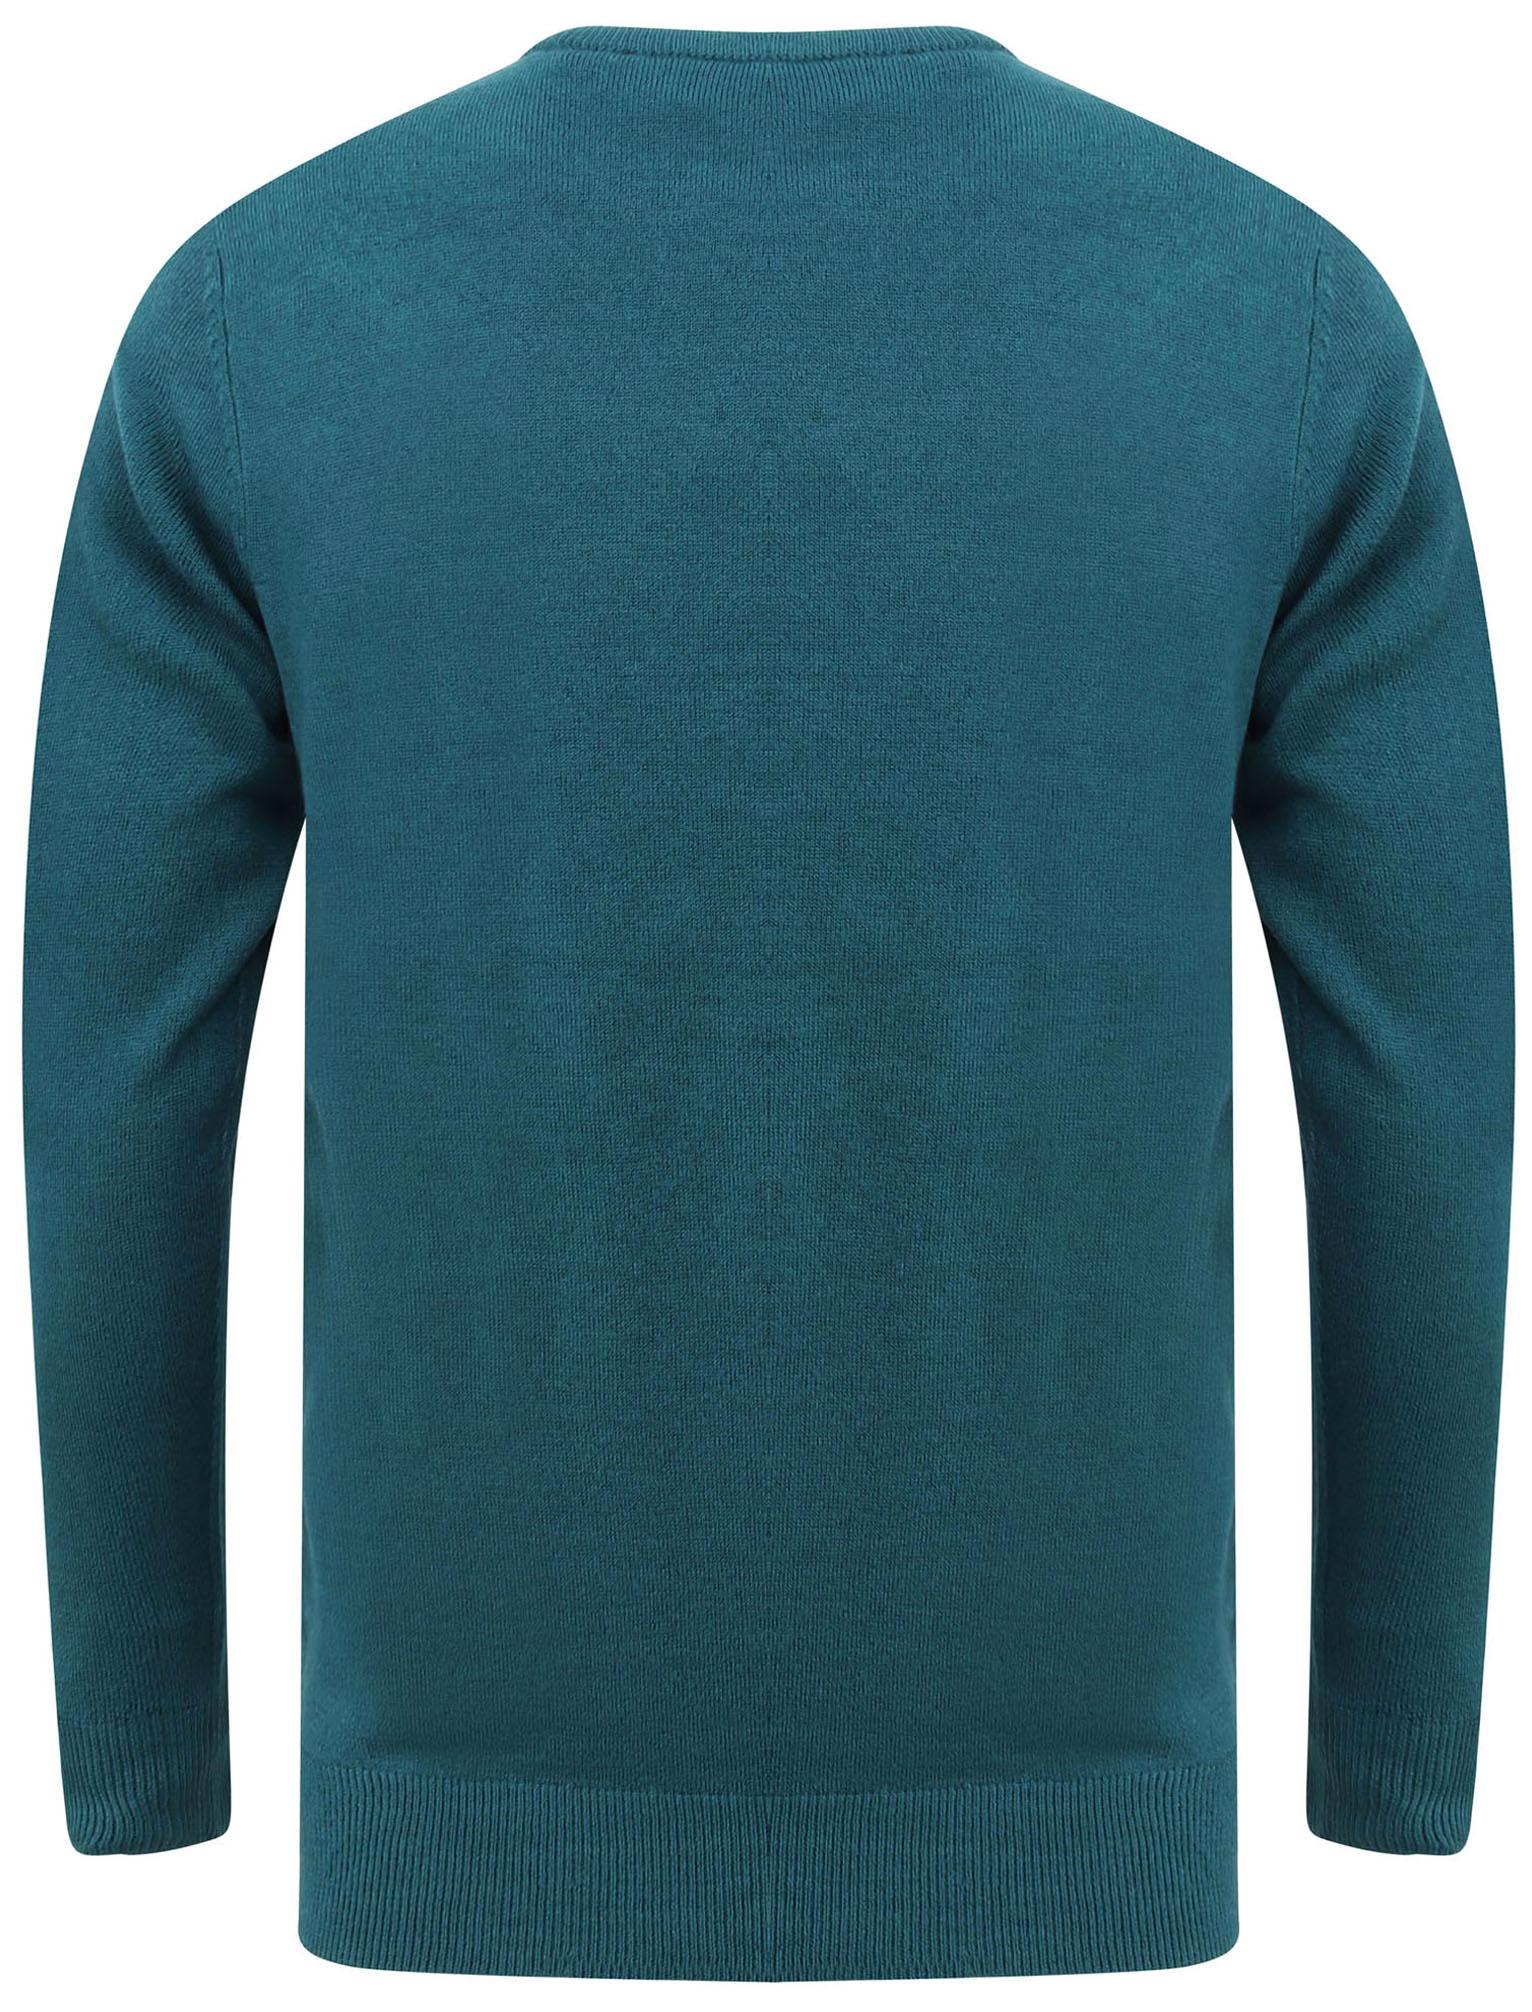 Kensington-Eastside-Men-039-s-Knitted-Crew-or-V-Neck-Jumper-Sweater-Top-Pullover thumbnail 81